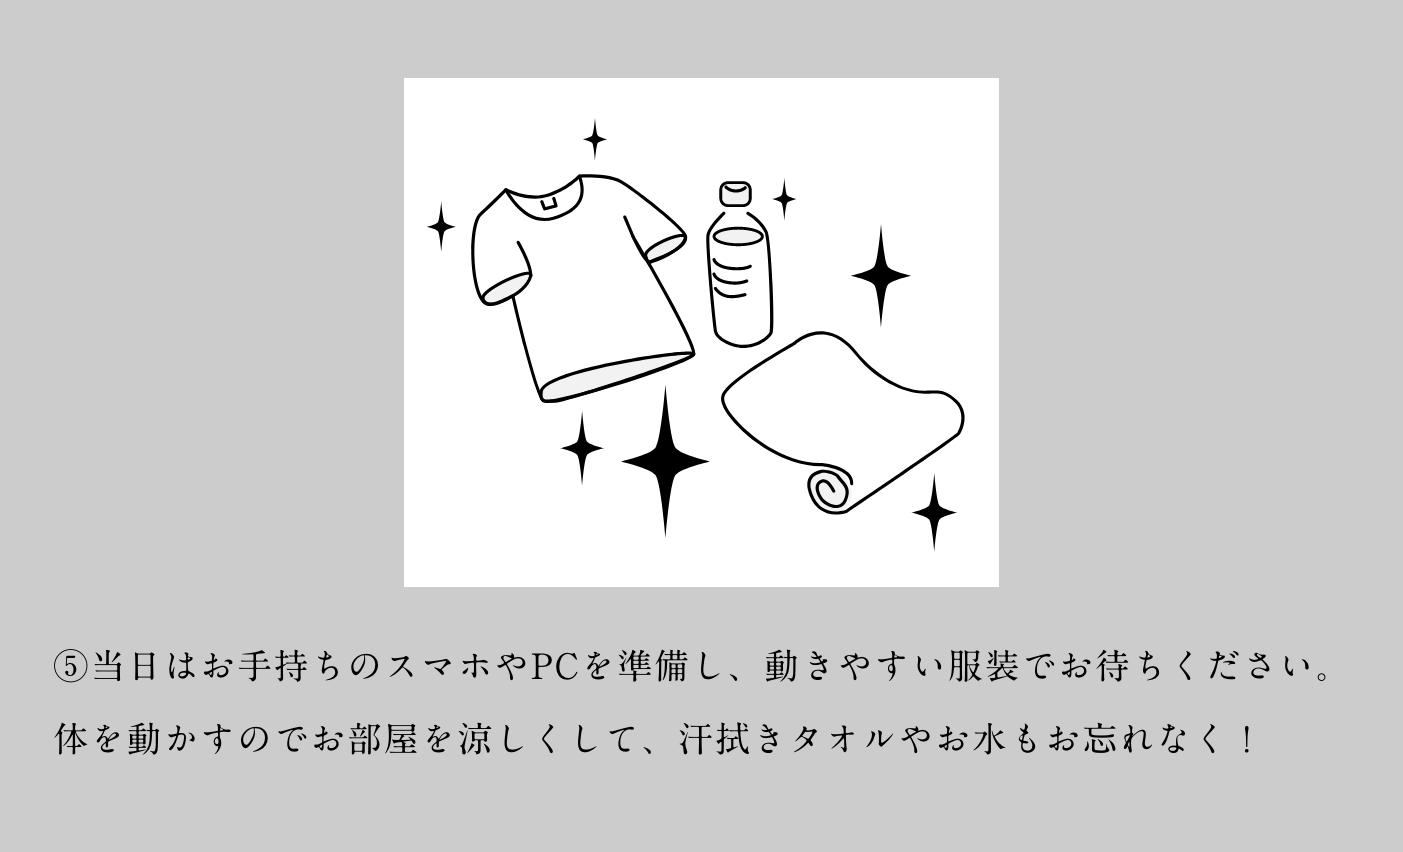 ⑤当日はお手持ちのスマホやPCを準備し、動きやすい服装でお待ちください。体を動かすのでお部屋を涼しくして、汗拭きタオルやお水もお忘れなく!